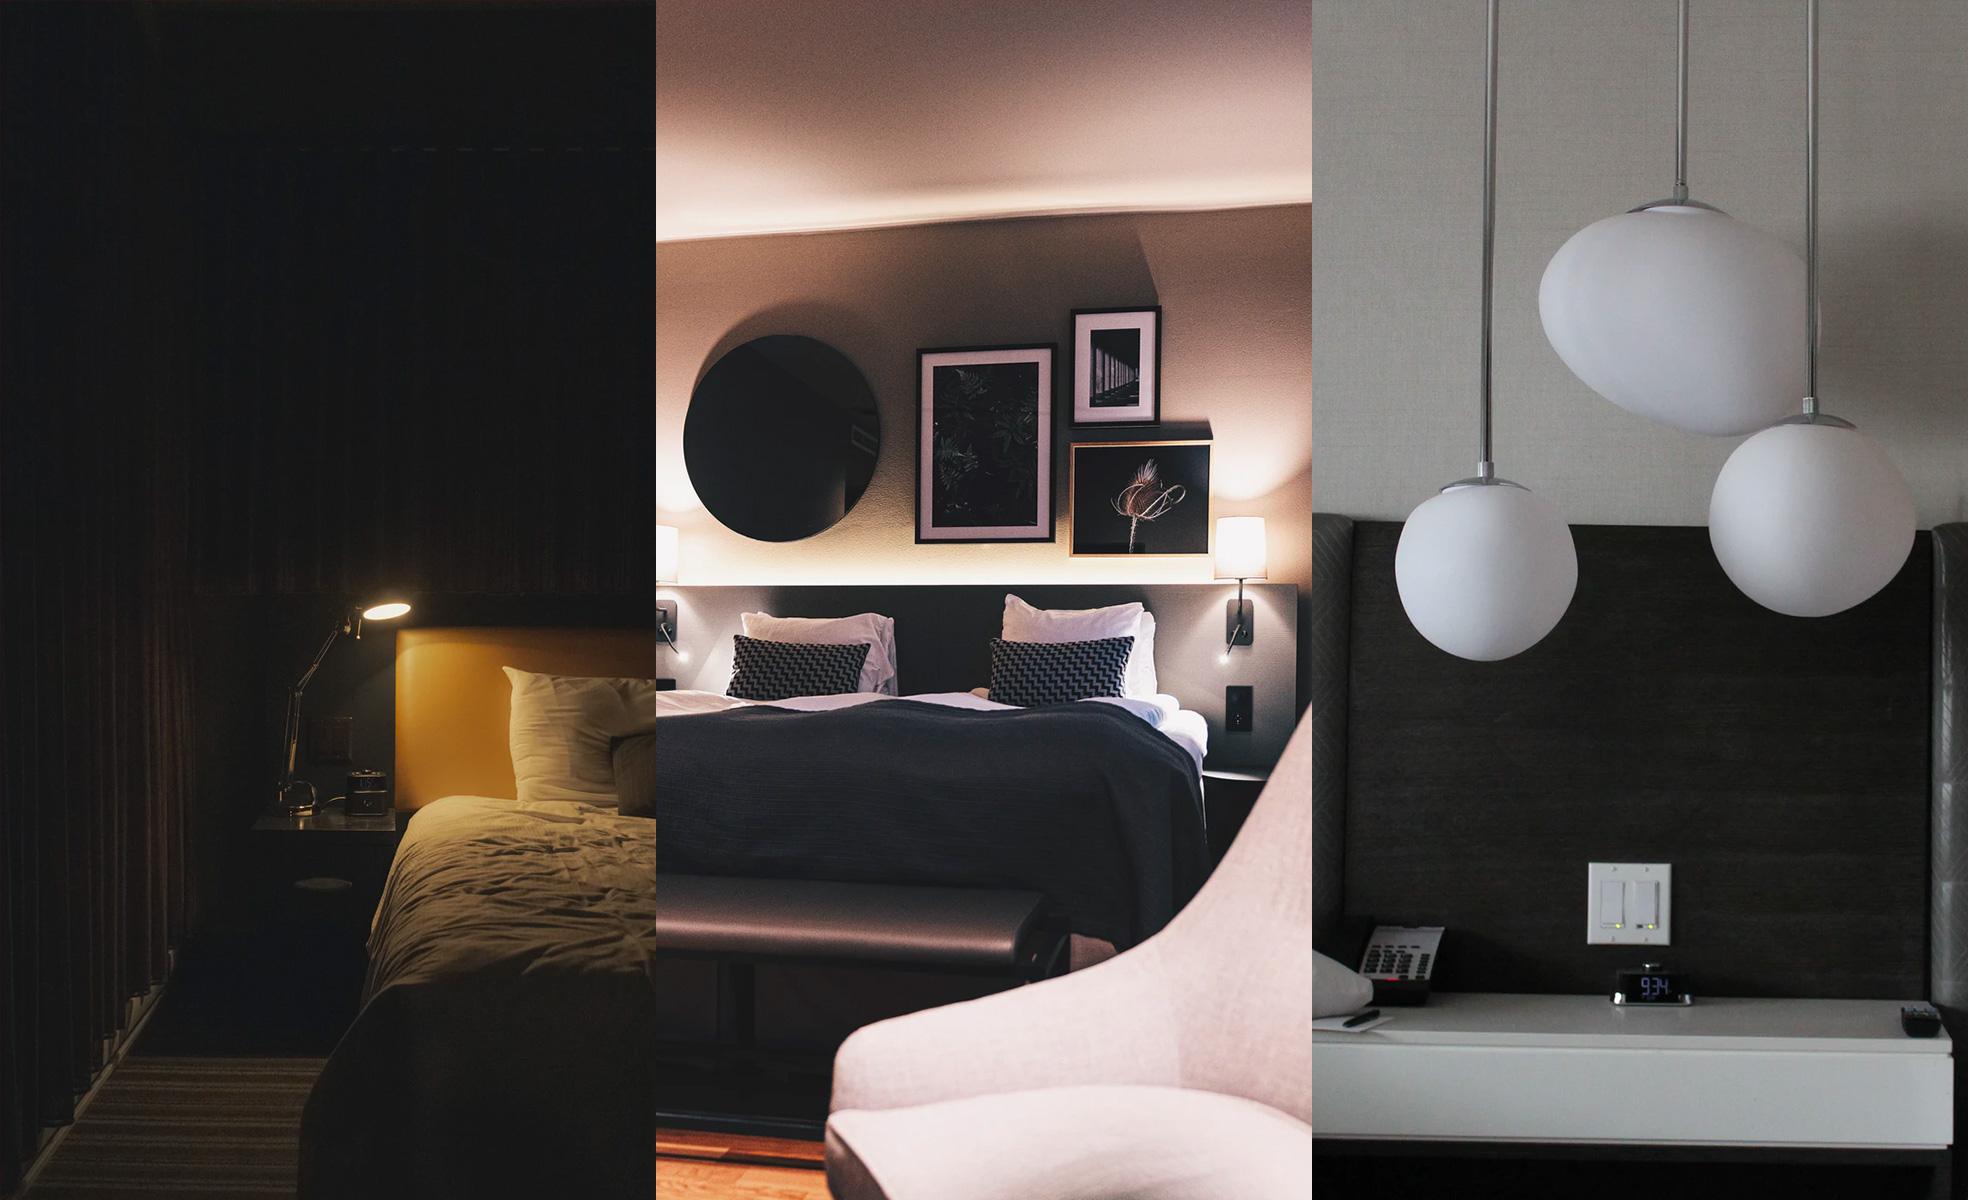 Tipos de luz | Guia da iluminação | westwing.com.br